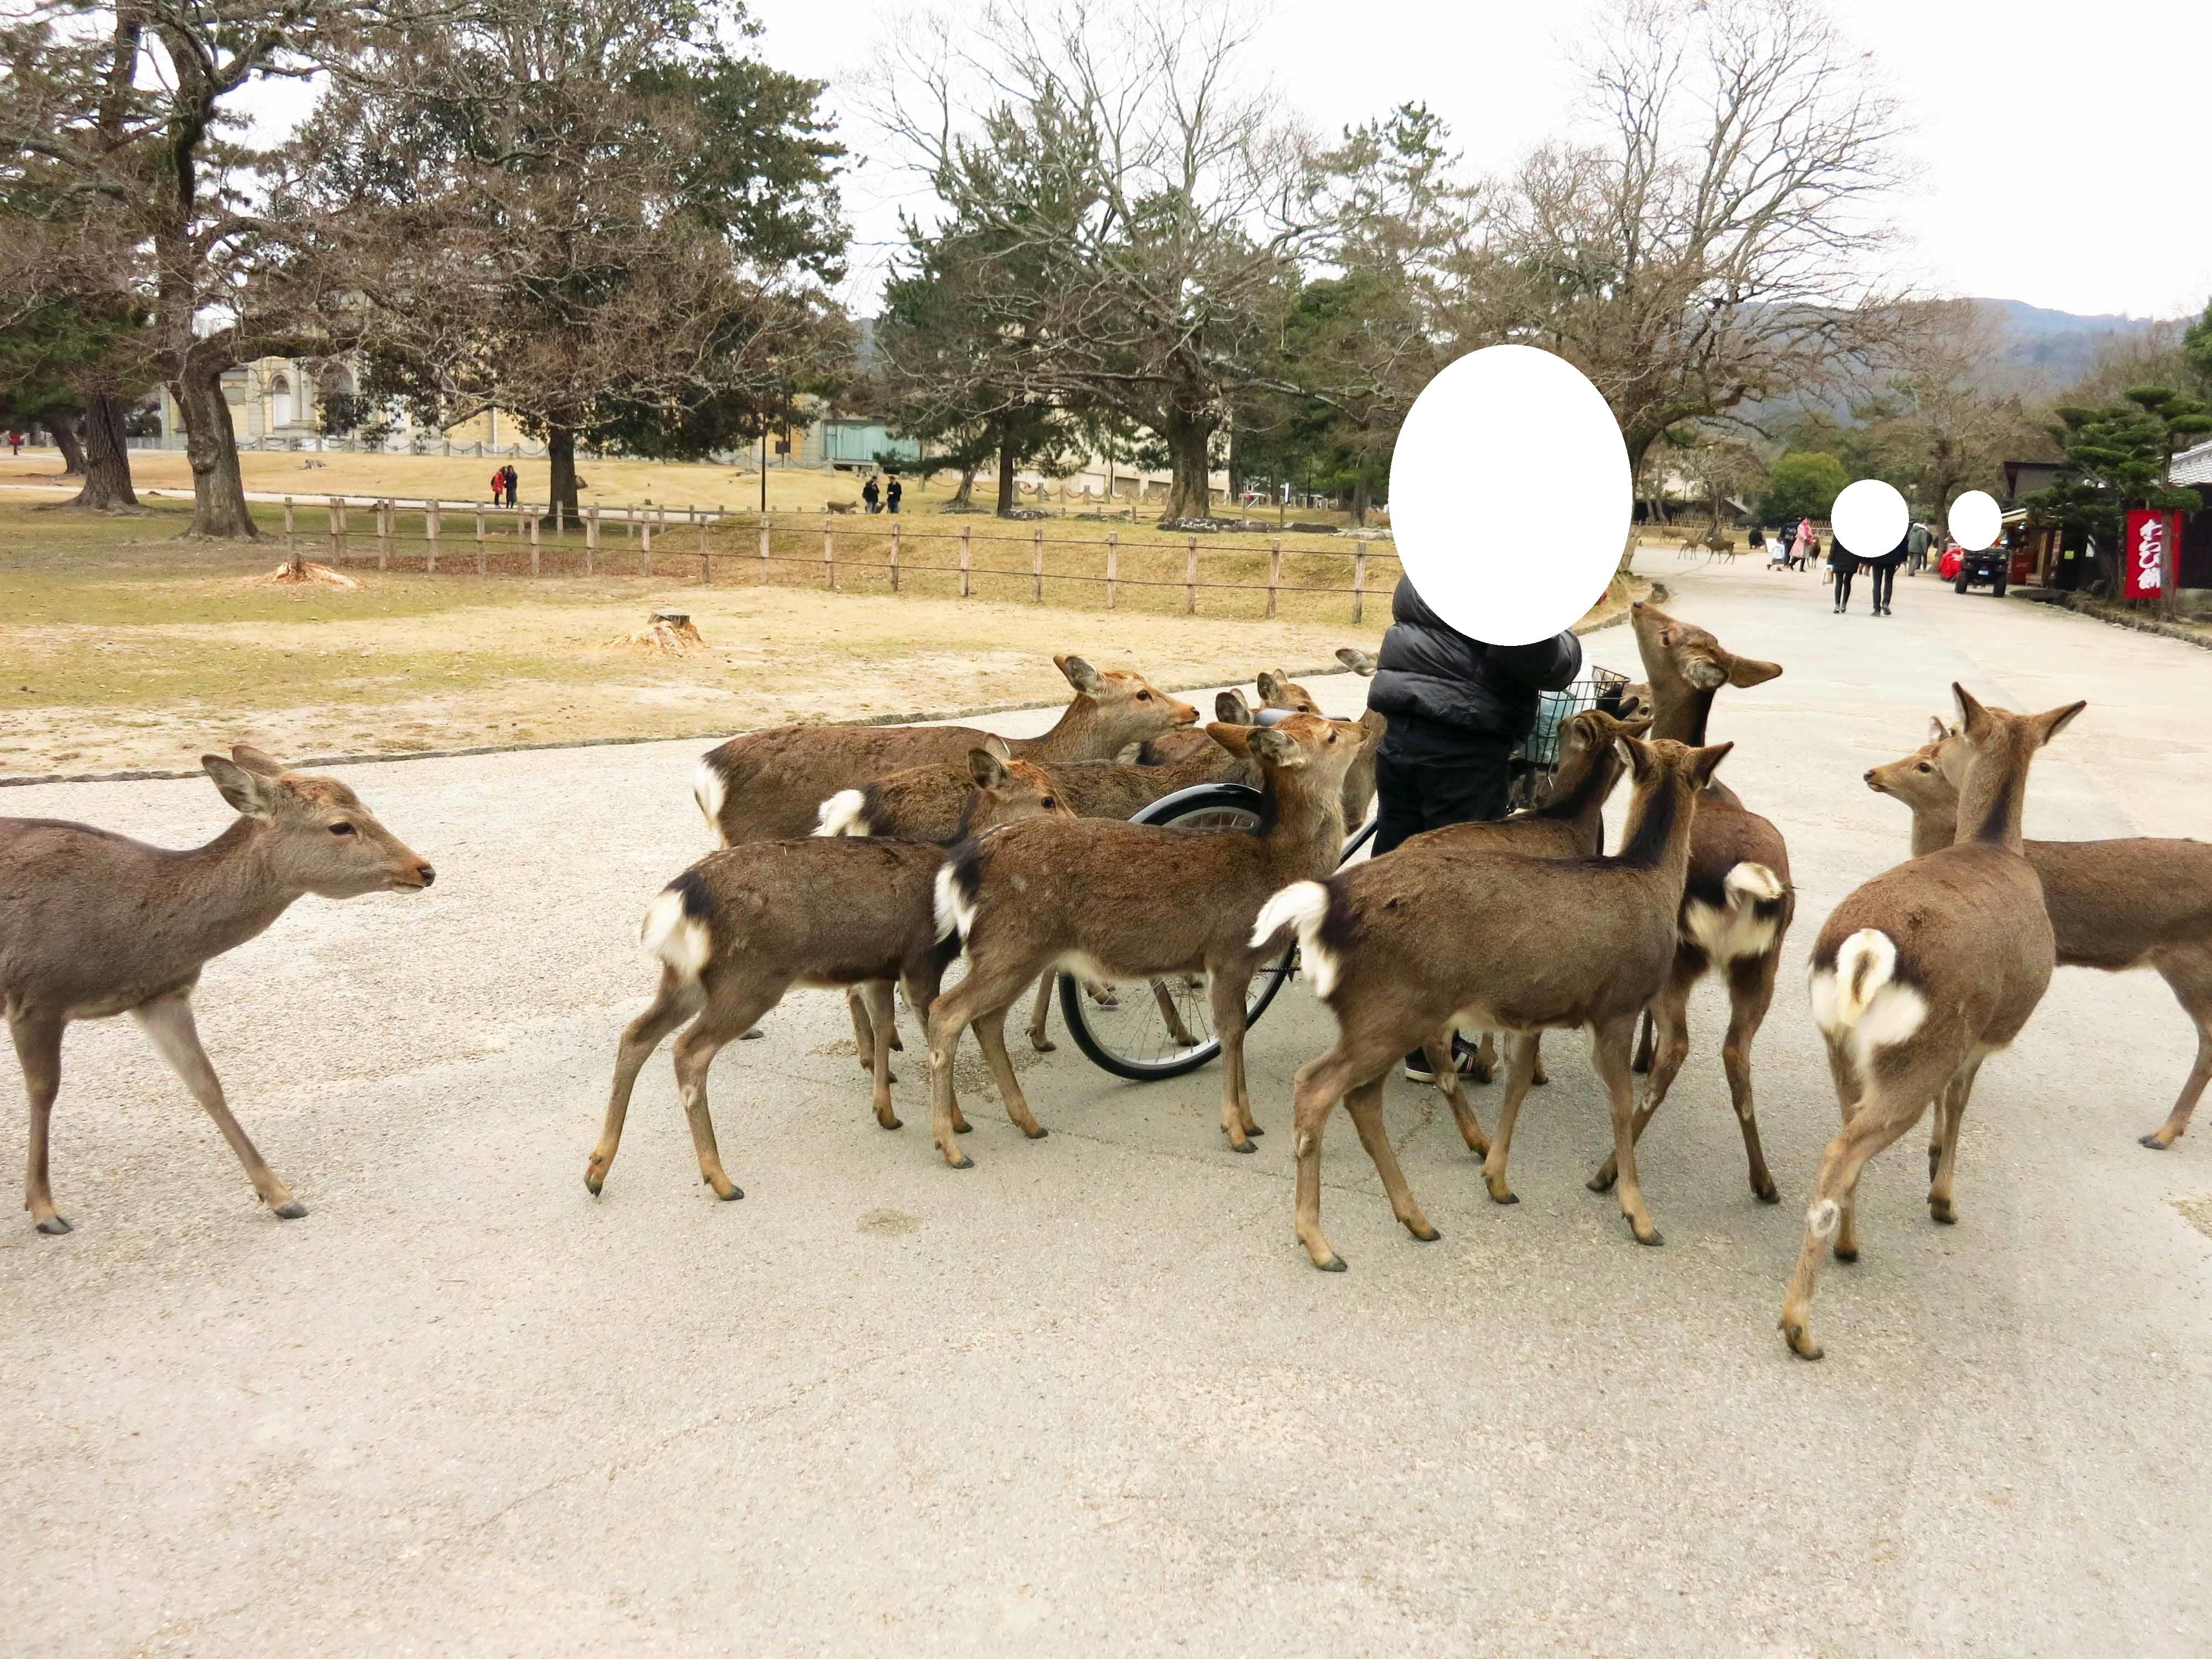 途中奈良公園では、鹿さんにたくさん出会いました。こちらは、どんぐりをくれるおじさんに集結する鹿たち。